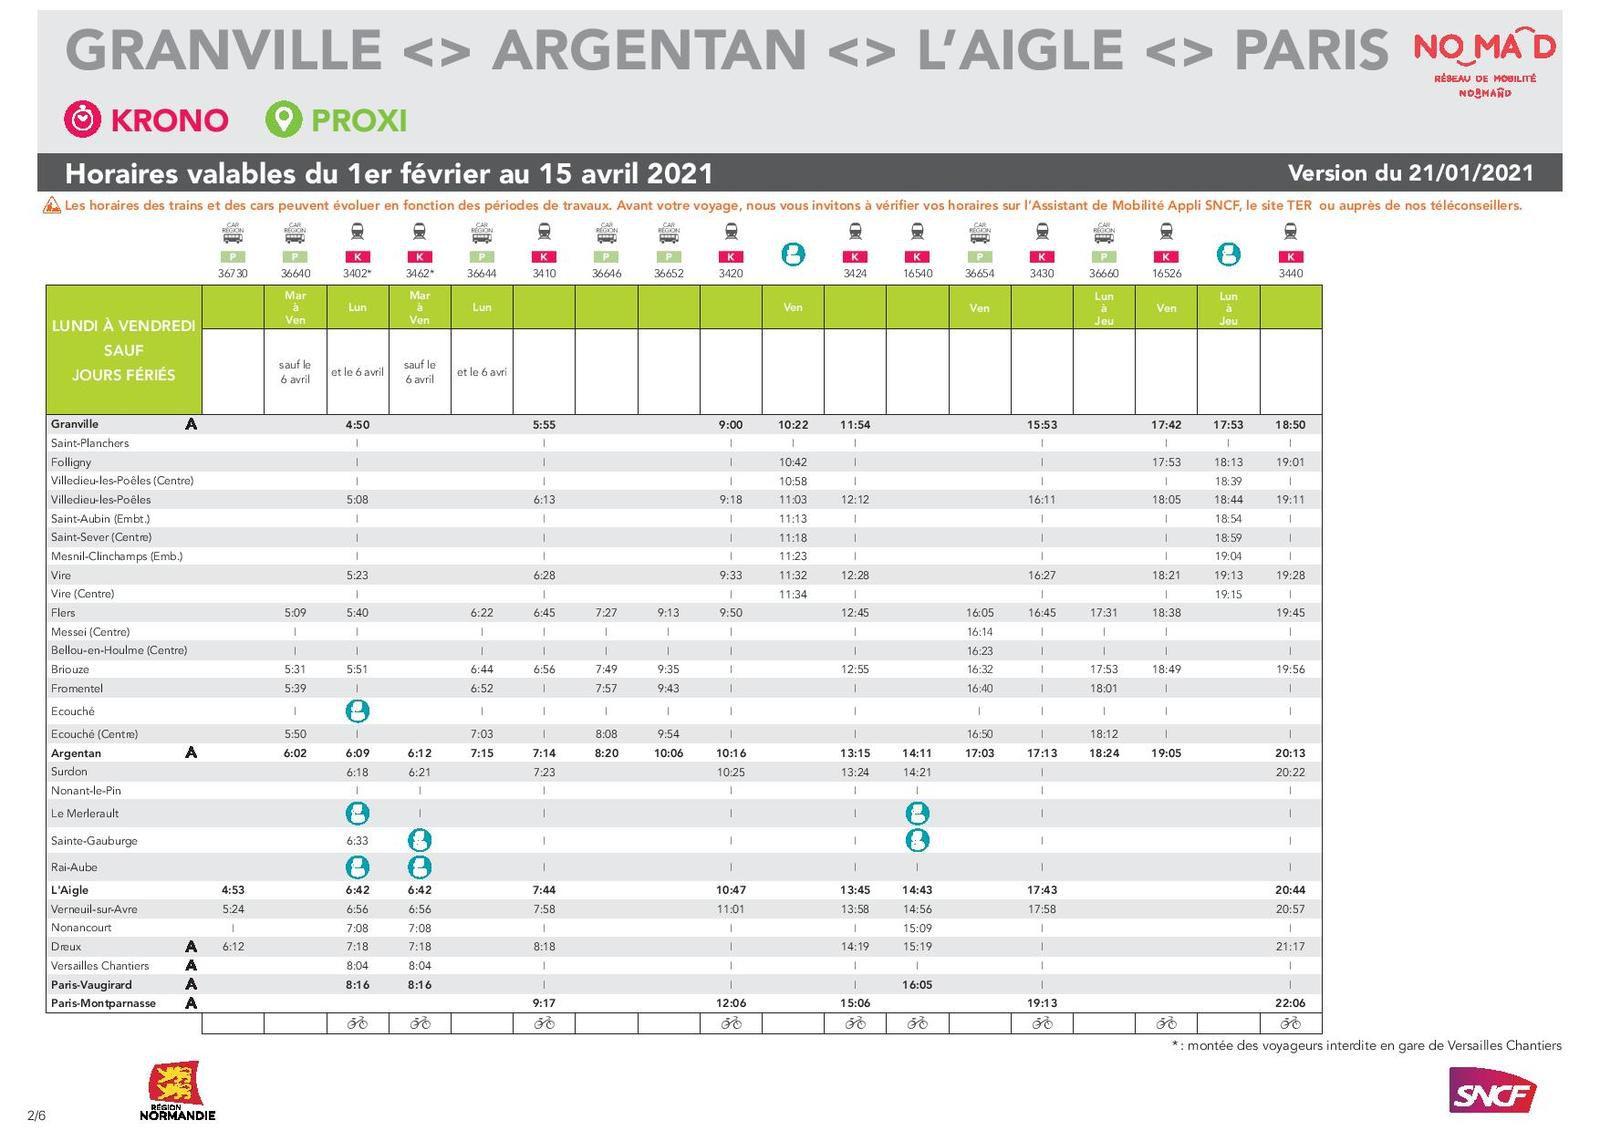 Granville > Paris du 1er février au 15 avril - version 21.01.2021